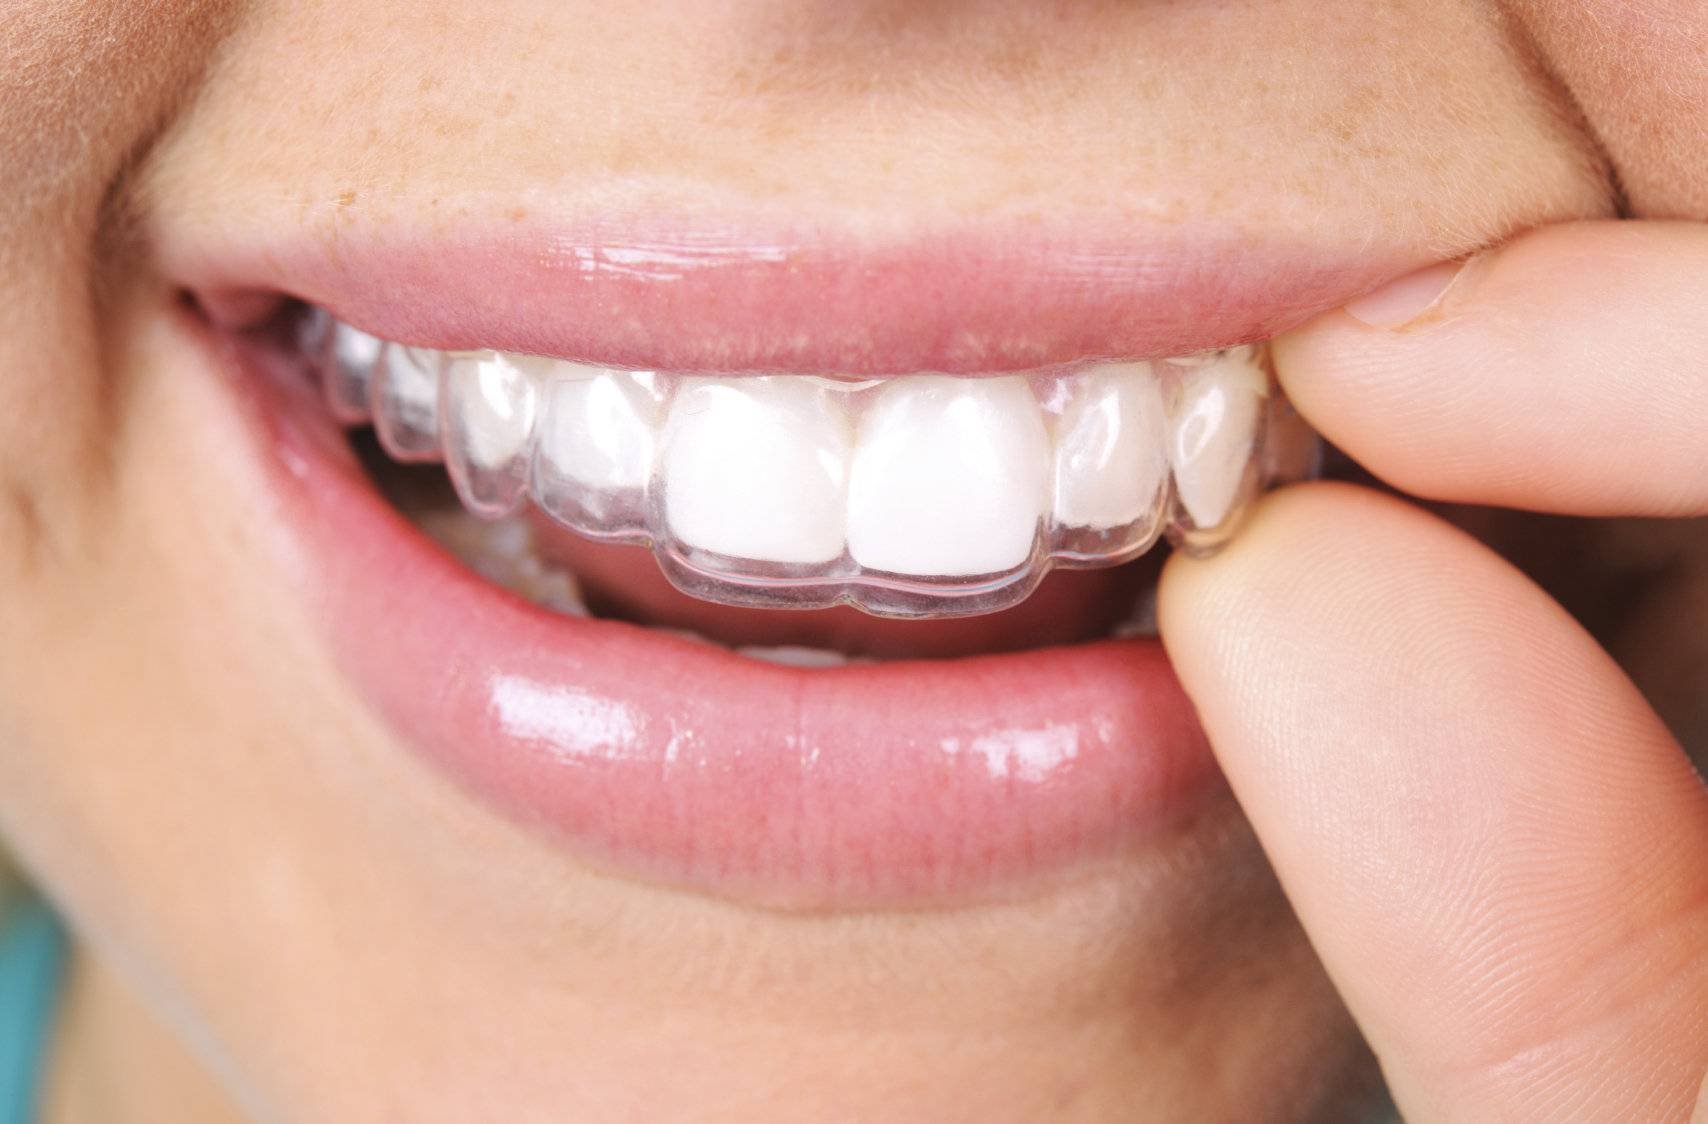 Почему детские элайнеры, а не зубные пластинки или брекеты?